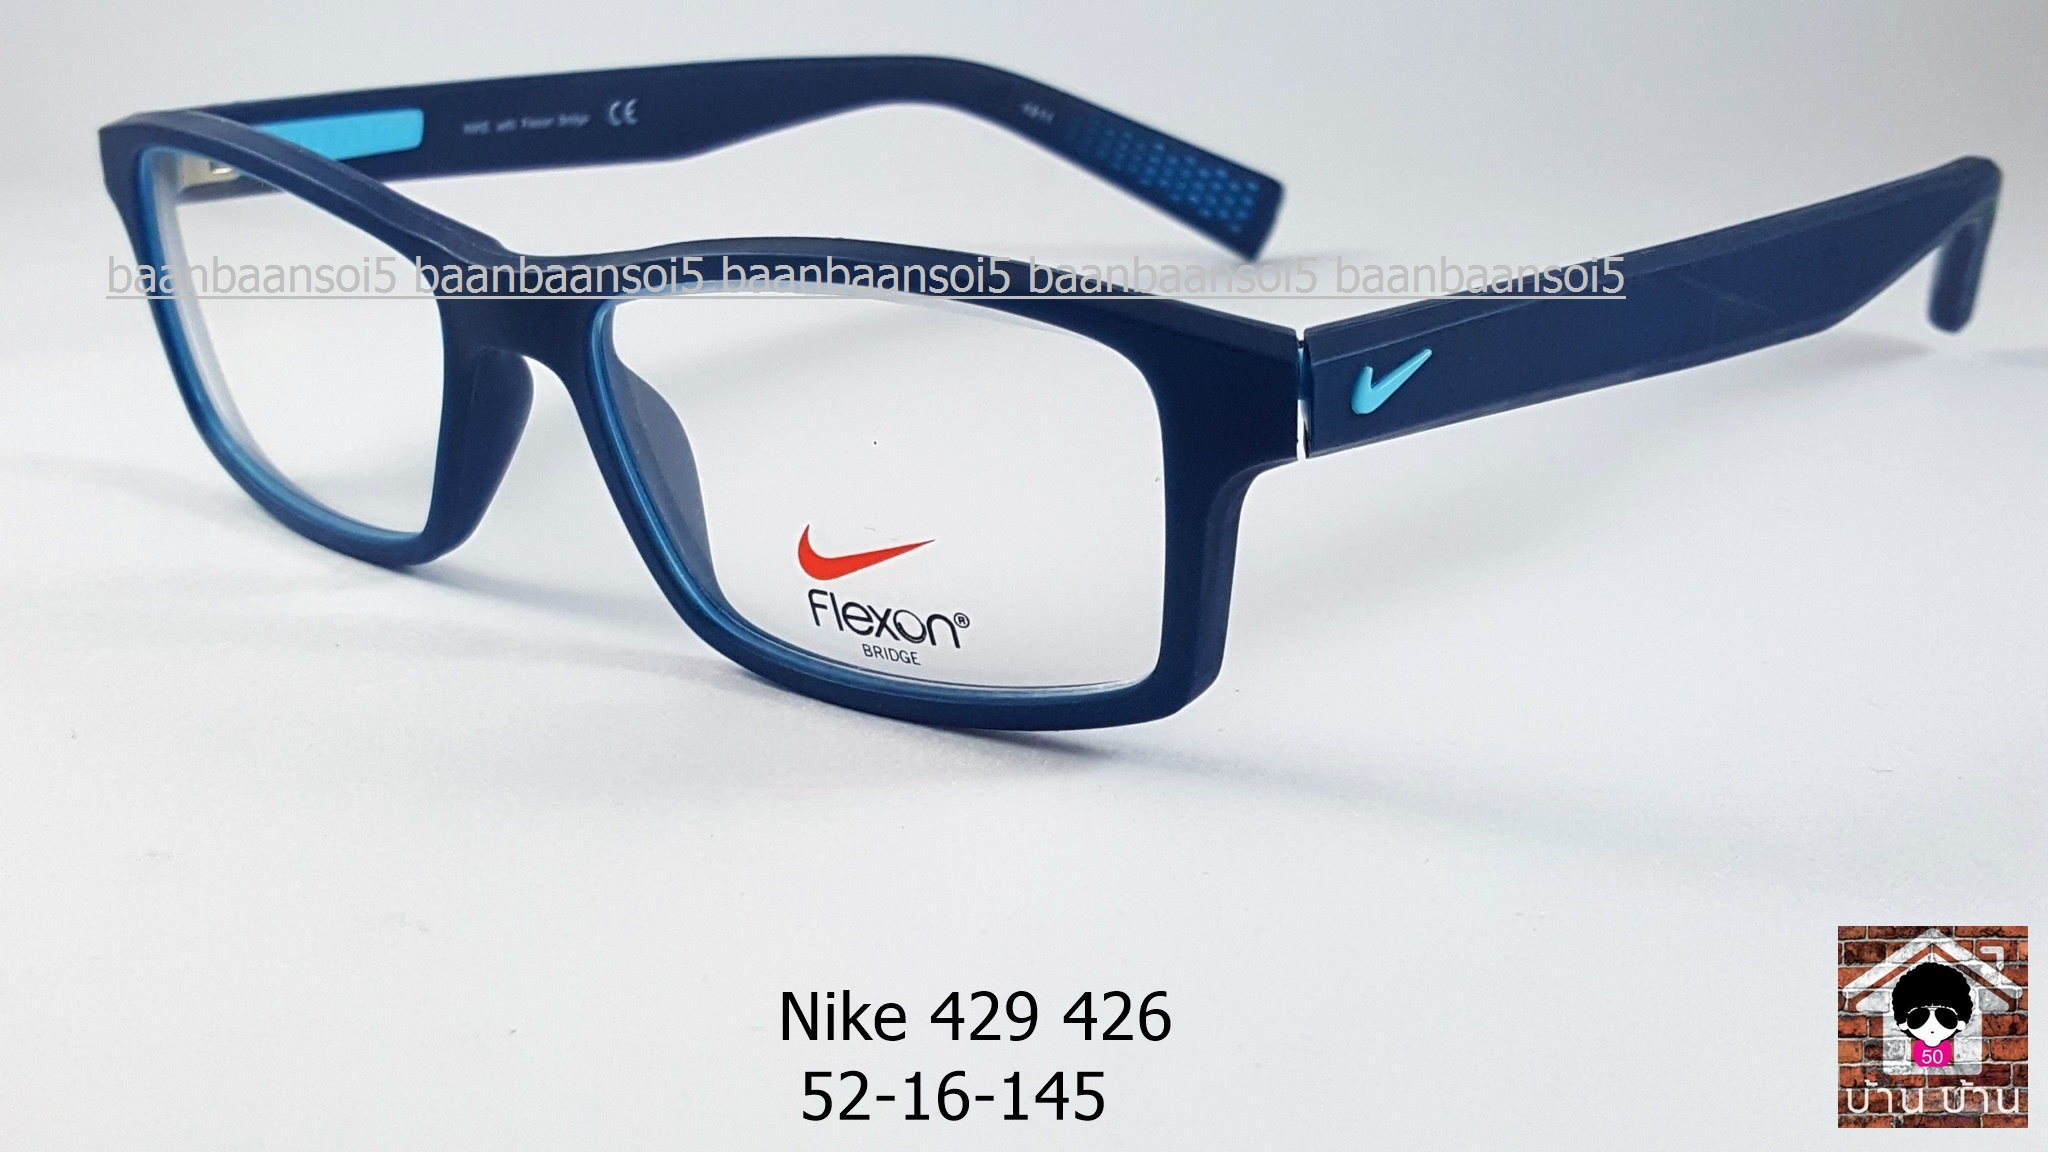 NIKE BRAND ORIGINALแท้ Flexon 4259 426 กรอบแว่นตาพร้อมเลนส์ มัลติโค๊ตHOYA ป้องกันรังสีคอม 6,200 บาท